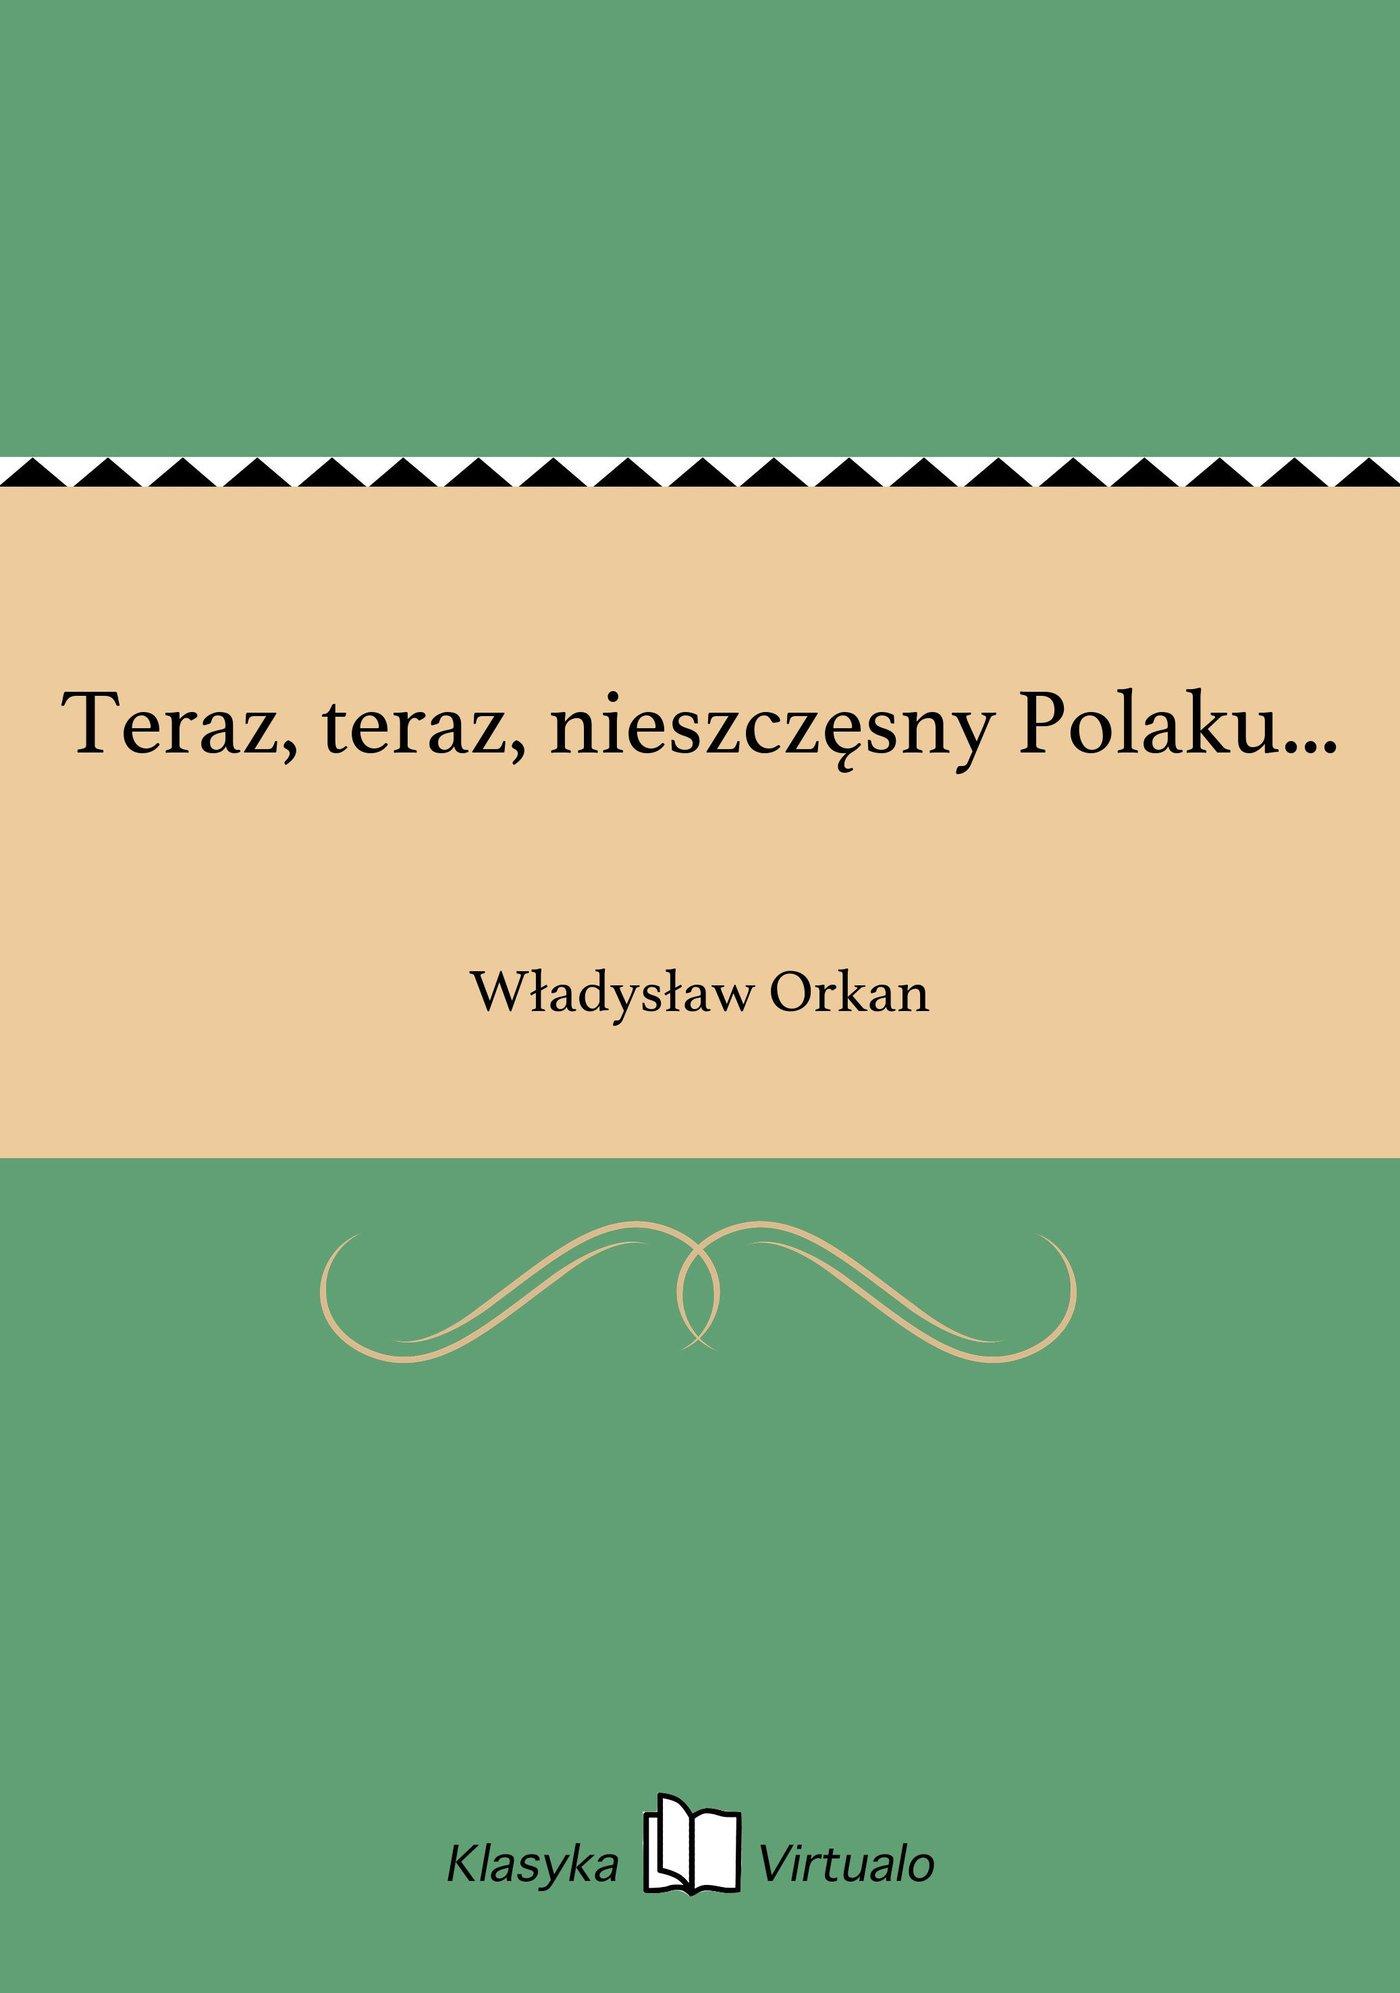 Teraz, teraz, nieszczęsny Polaku... - Ebook (Książka EPUB) do pobrania w formacie EPUB